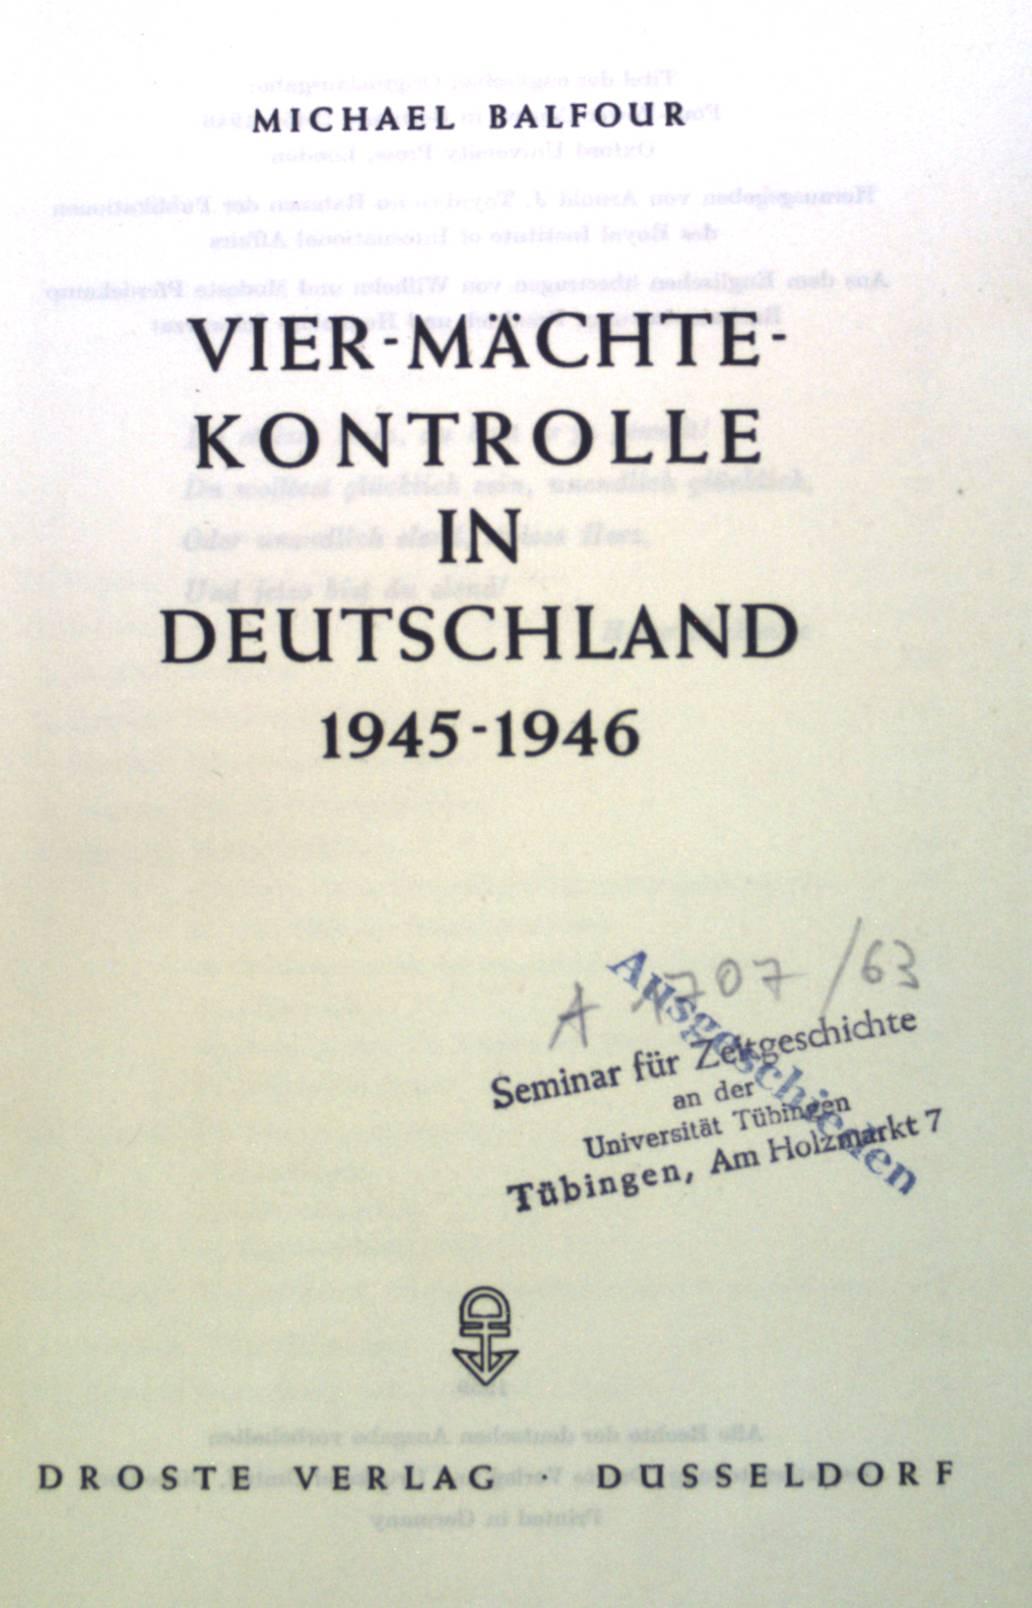 Vier-Mächte-Kontrolle in Deutschland 1945-1946.: Balfour, Michael: